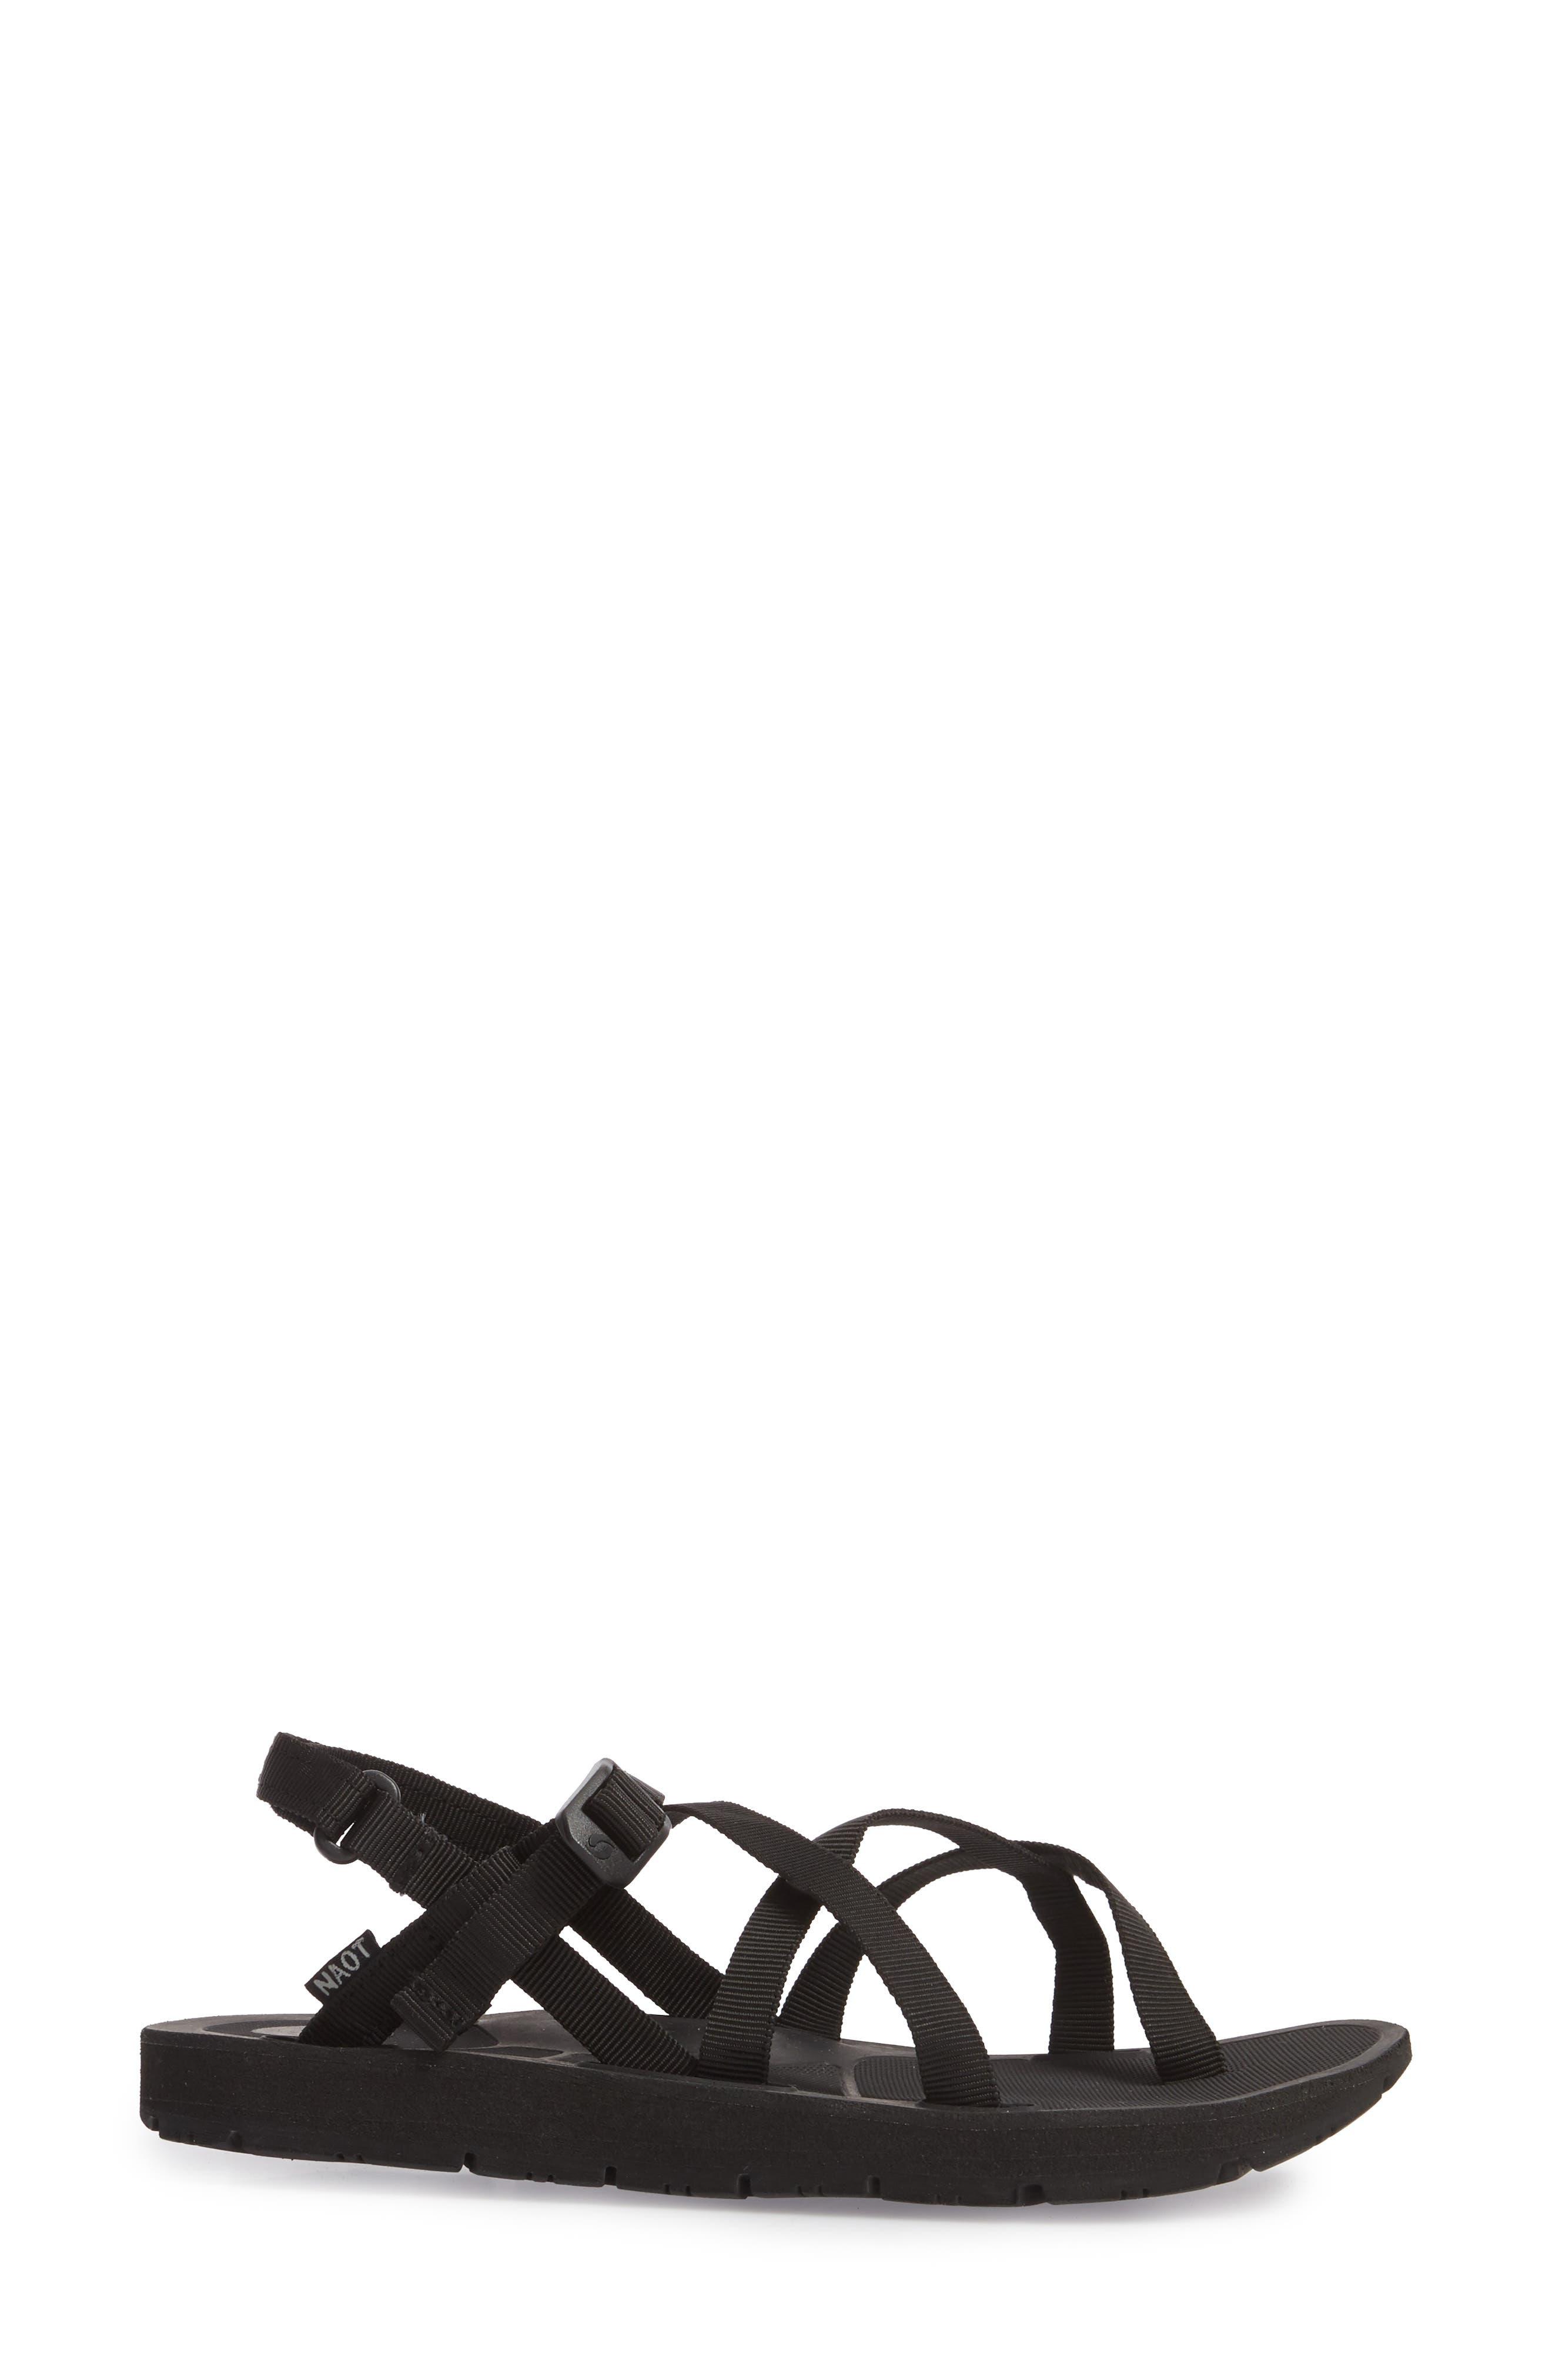 Shore Sandal,                             Alternate thumbnail 3, color,                             BLACK FABRIC